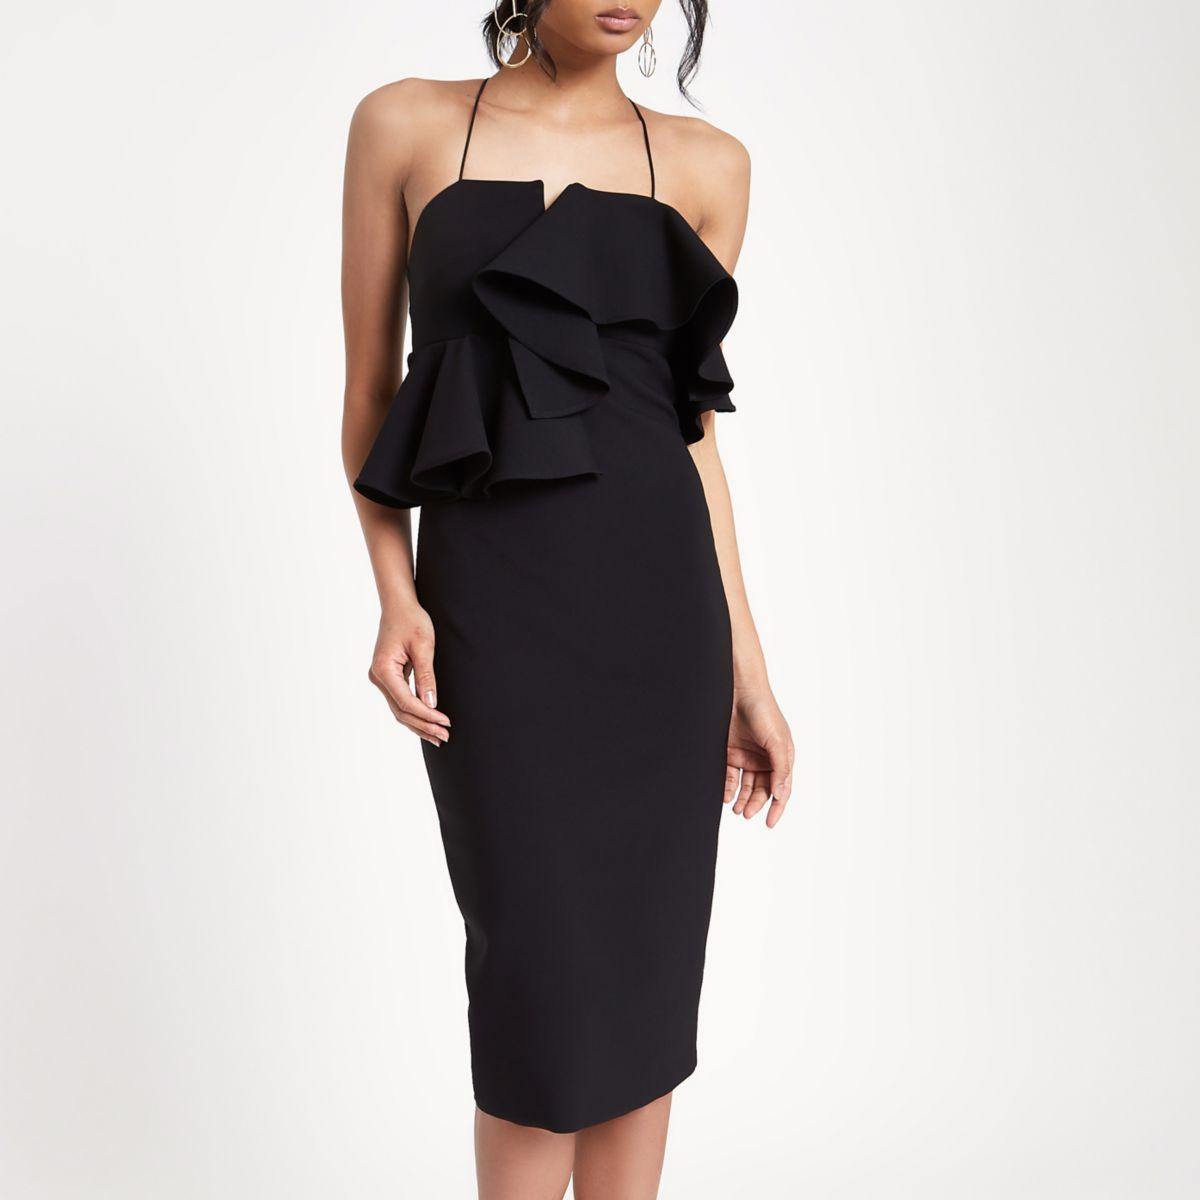 Schwarzes Bodycon-Kleid mit Schößchen